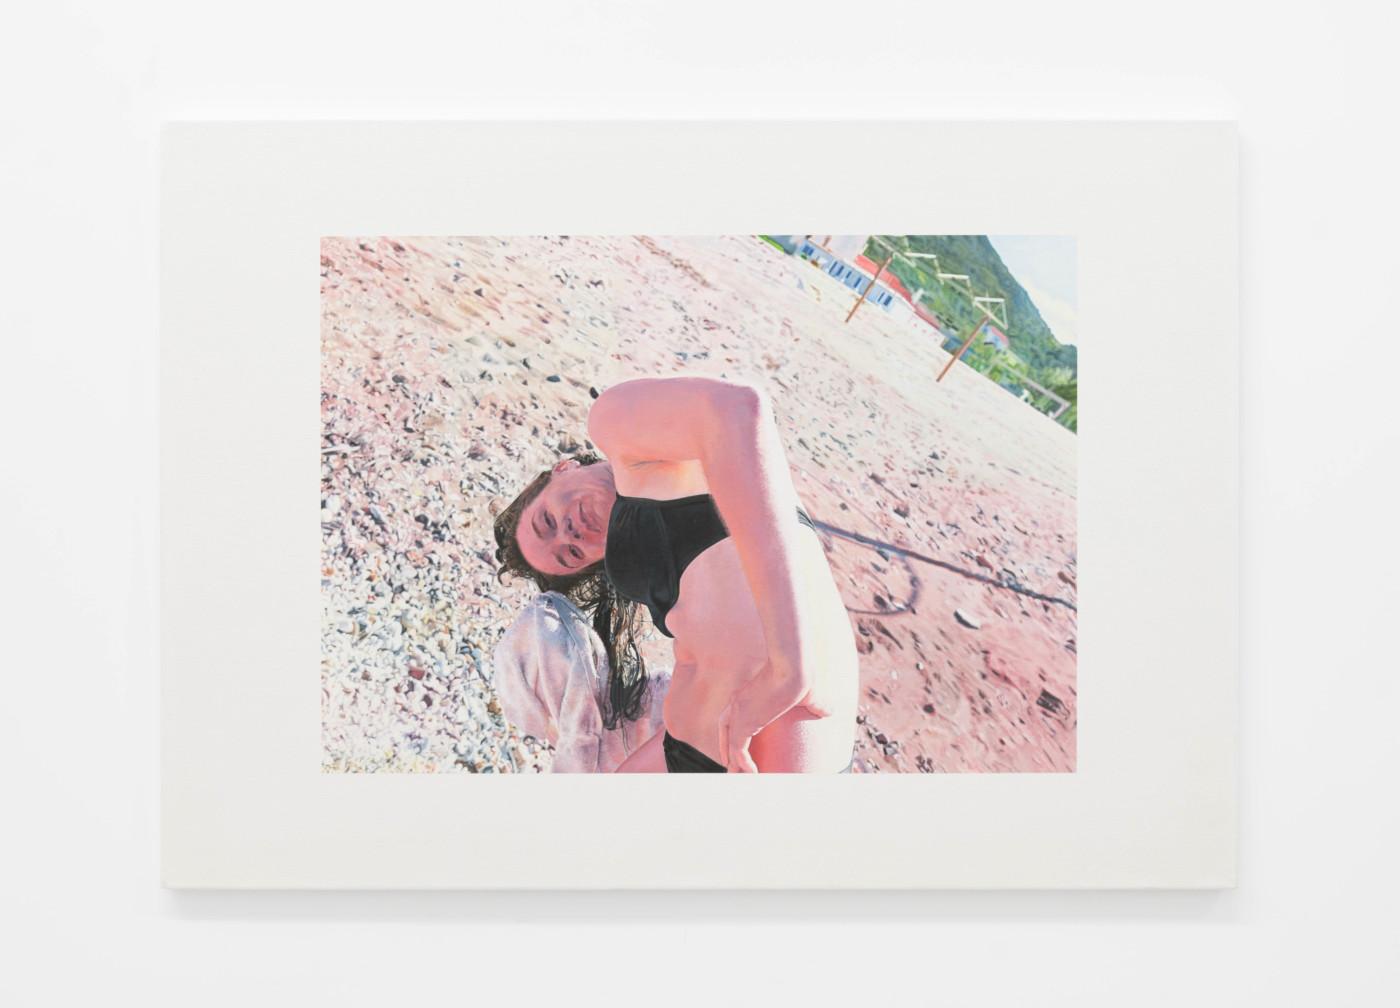 WONDER WORKERS  Wonder Workers 6 , 2021 Oil on canvas 70 x 105 cm / 27 1/2 x 41 3/8 in - High Art Gallery Paris